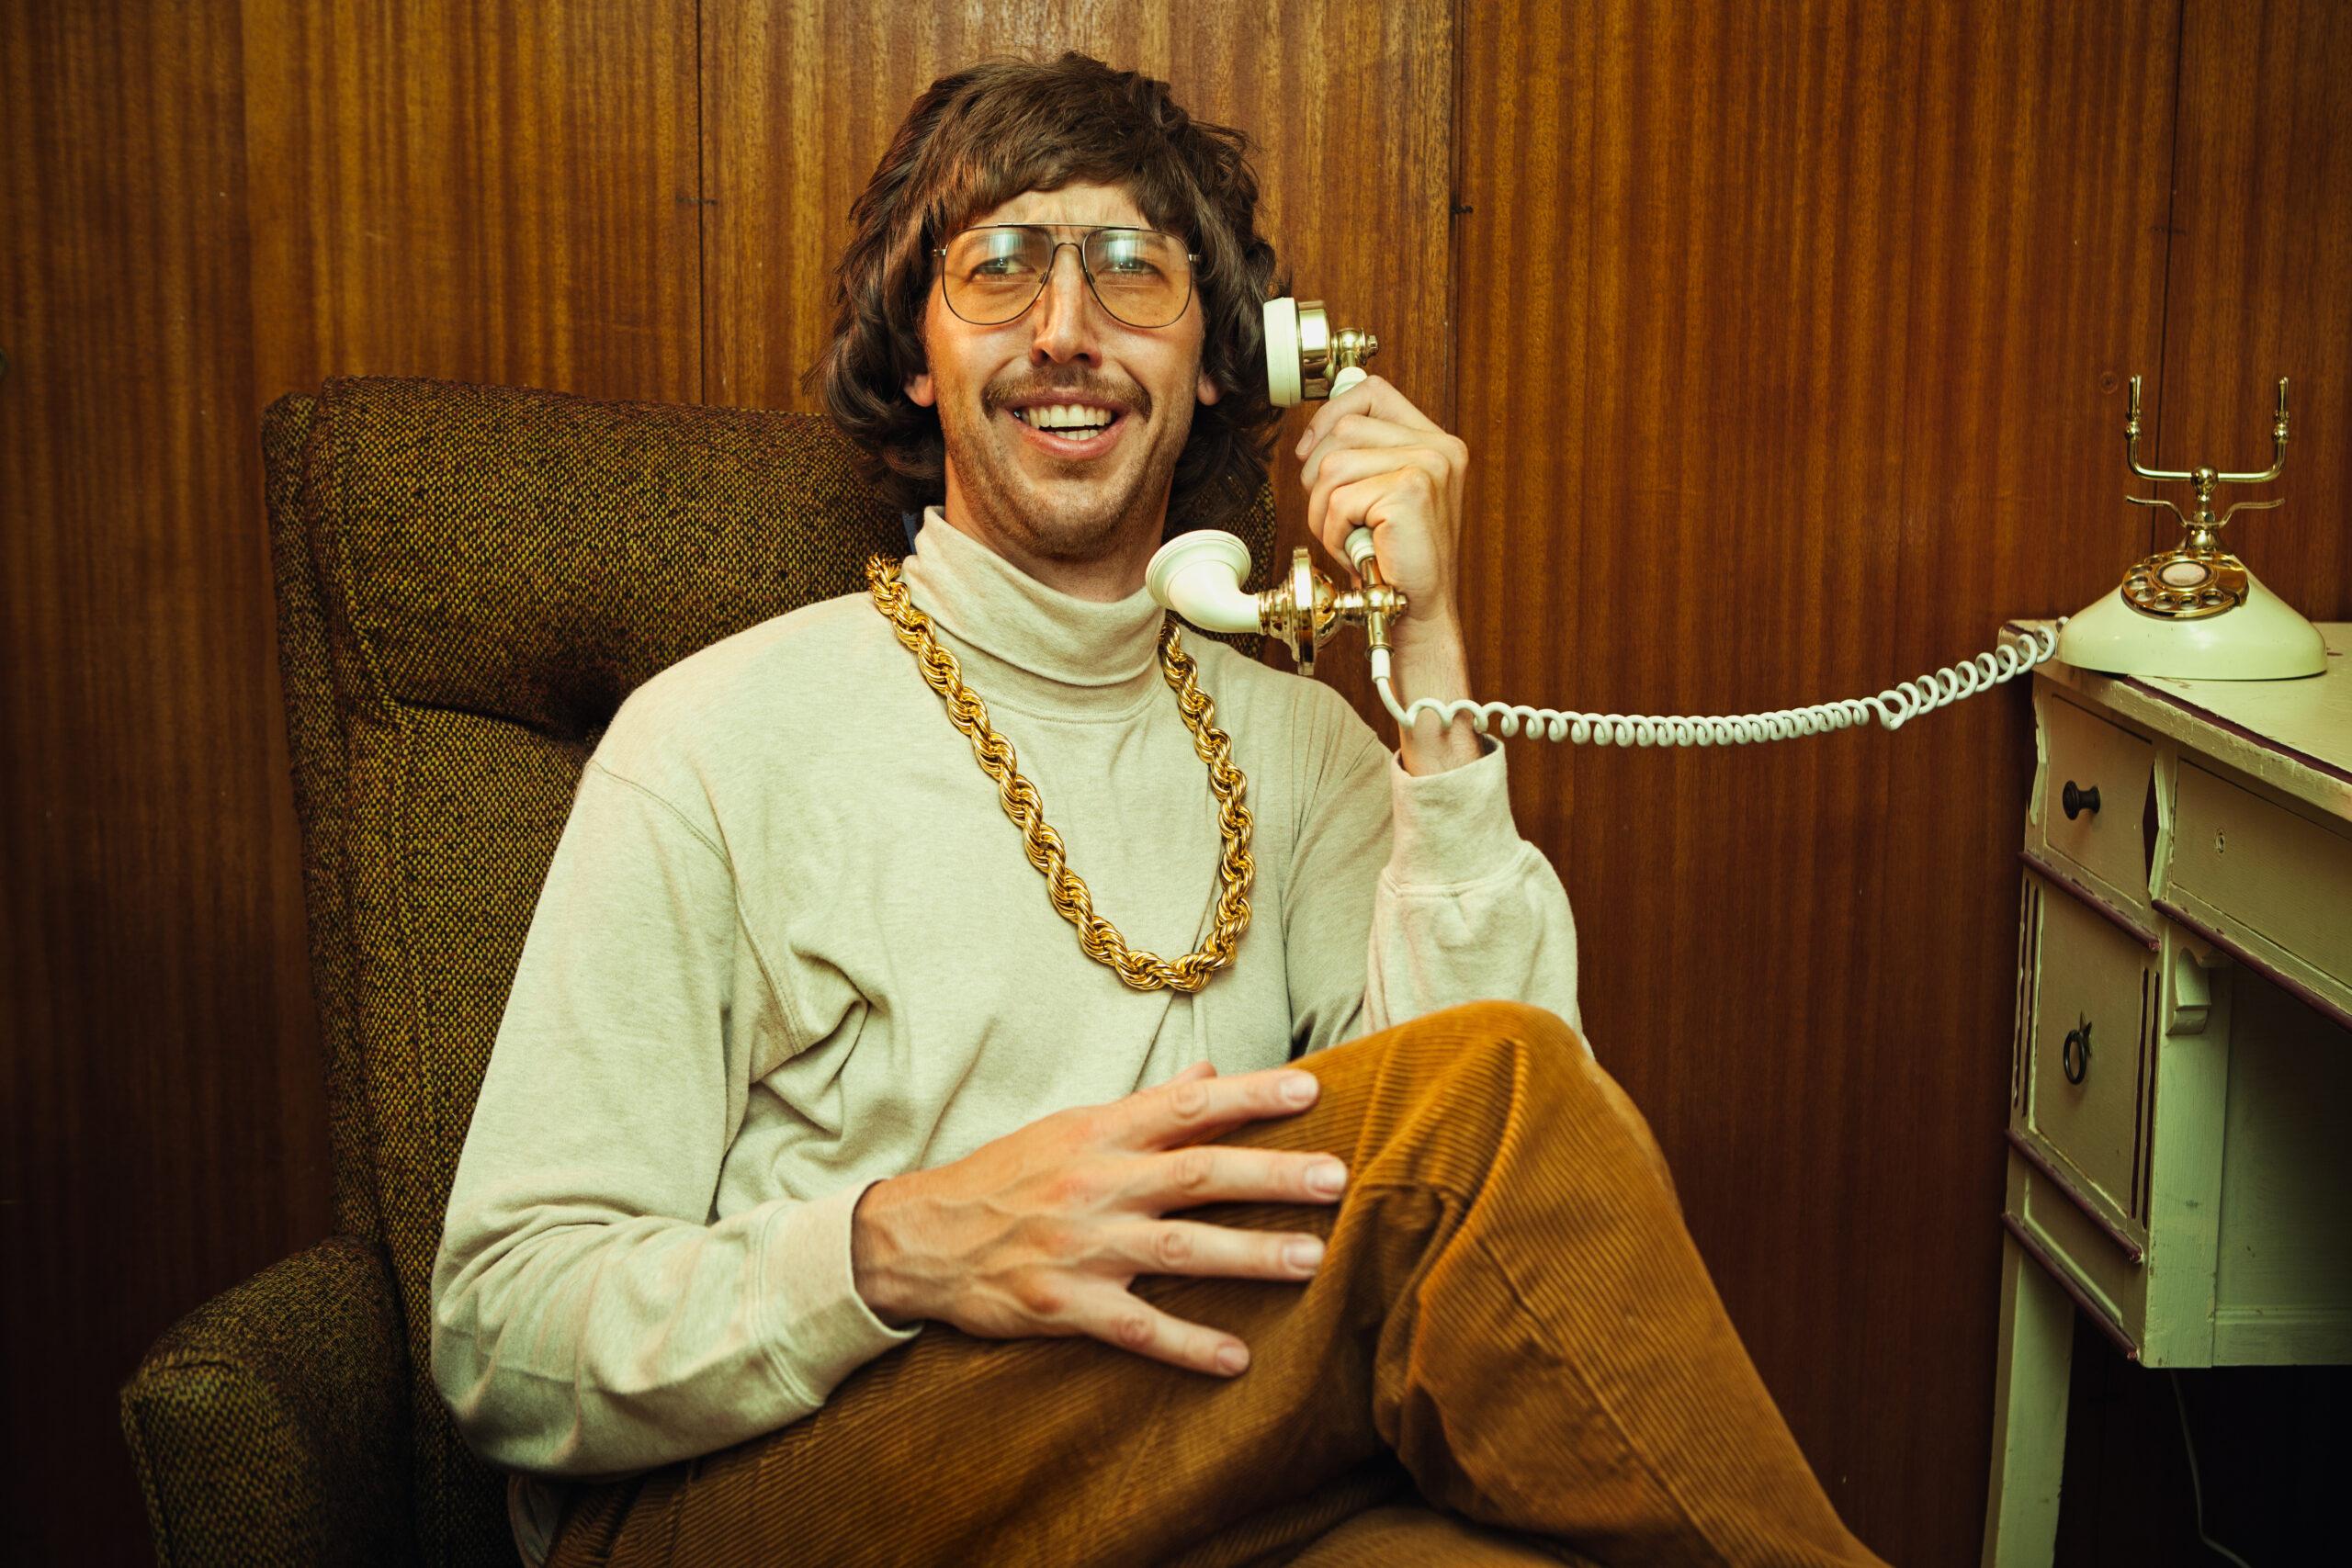 Ein lächelnder, alberner Mann aus den 1970er/1980er Jahren entspannt sich, während er an seinem altmodischen Wählscheibentelefon spricht. Er trägt einen Rollkragenpullover, eine elastische Cordhose mit hoher Taille und seine ausgefallene Goldketten-Halskette. Er trägt eine elegante getönte Brille und einen gepflegten Schnurrbart. Holzpaneelwand im Hintergrund.